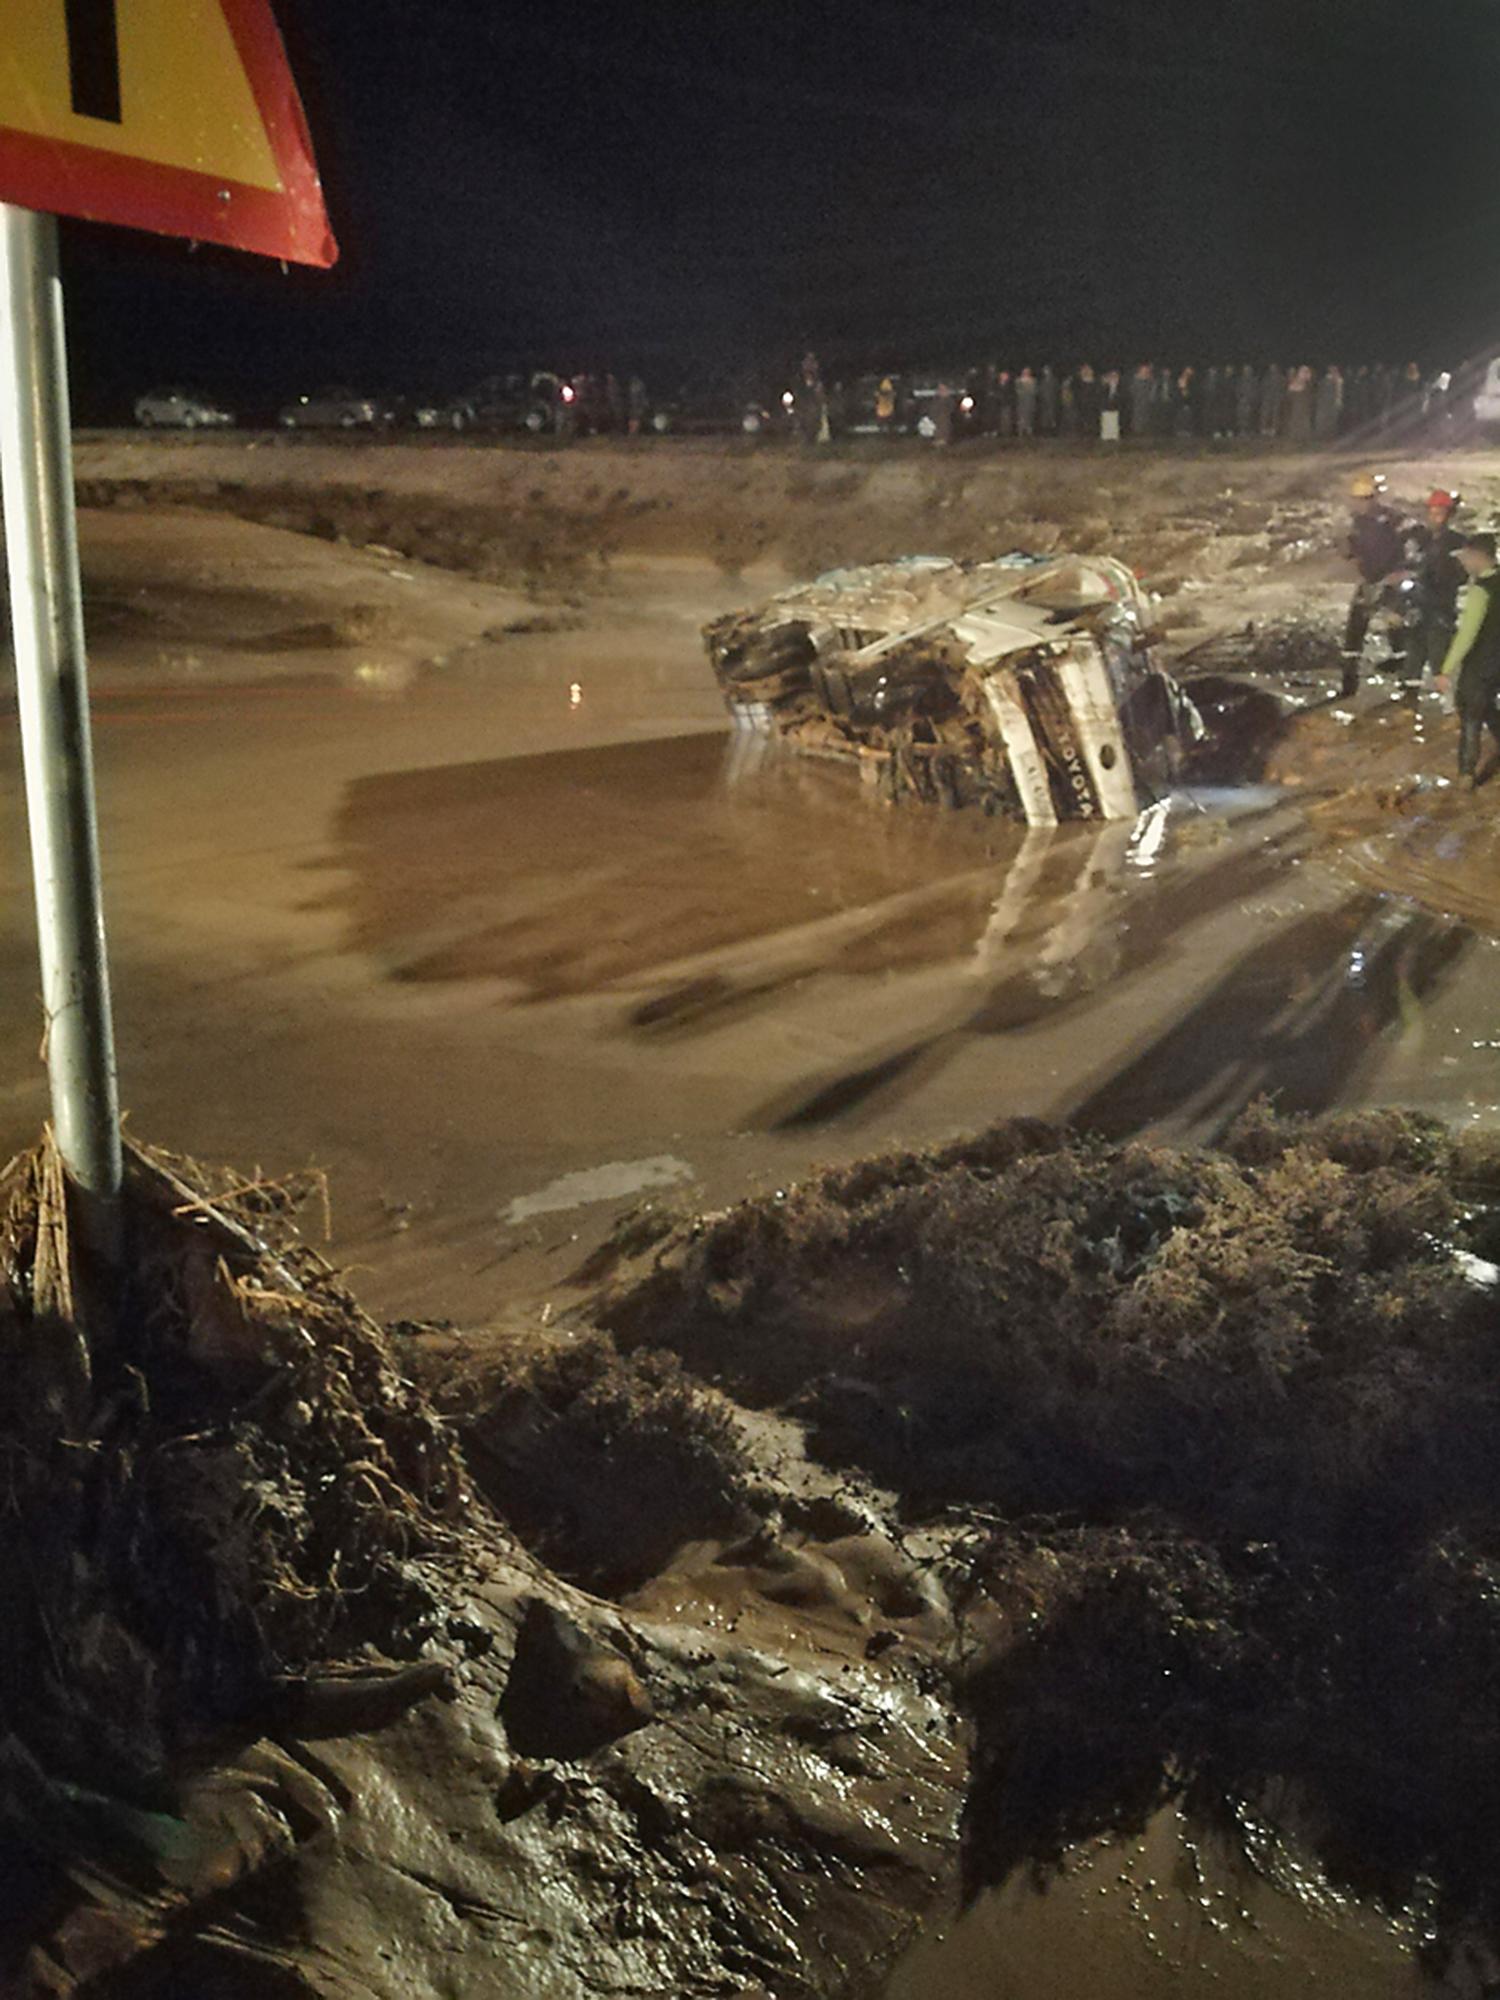 """صورة نشرتها وكالة الأنباء الأردنية """"بترا"""" لمشهد من تأثير الفيضانات في مدينة مأدبا بالقرب من العاصمة عمان"""